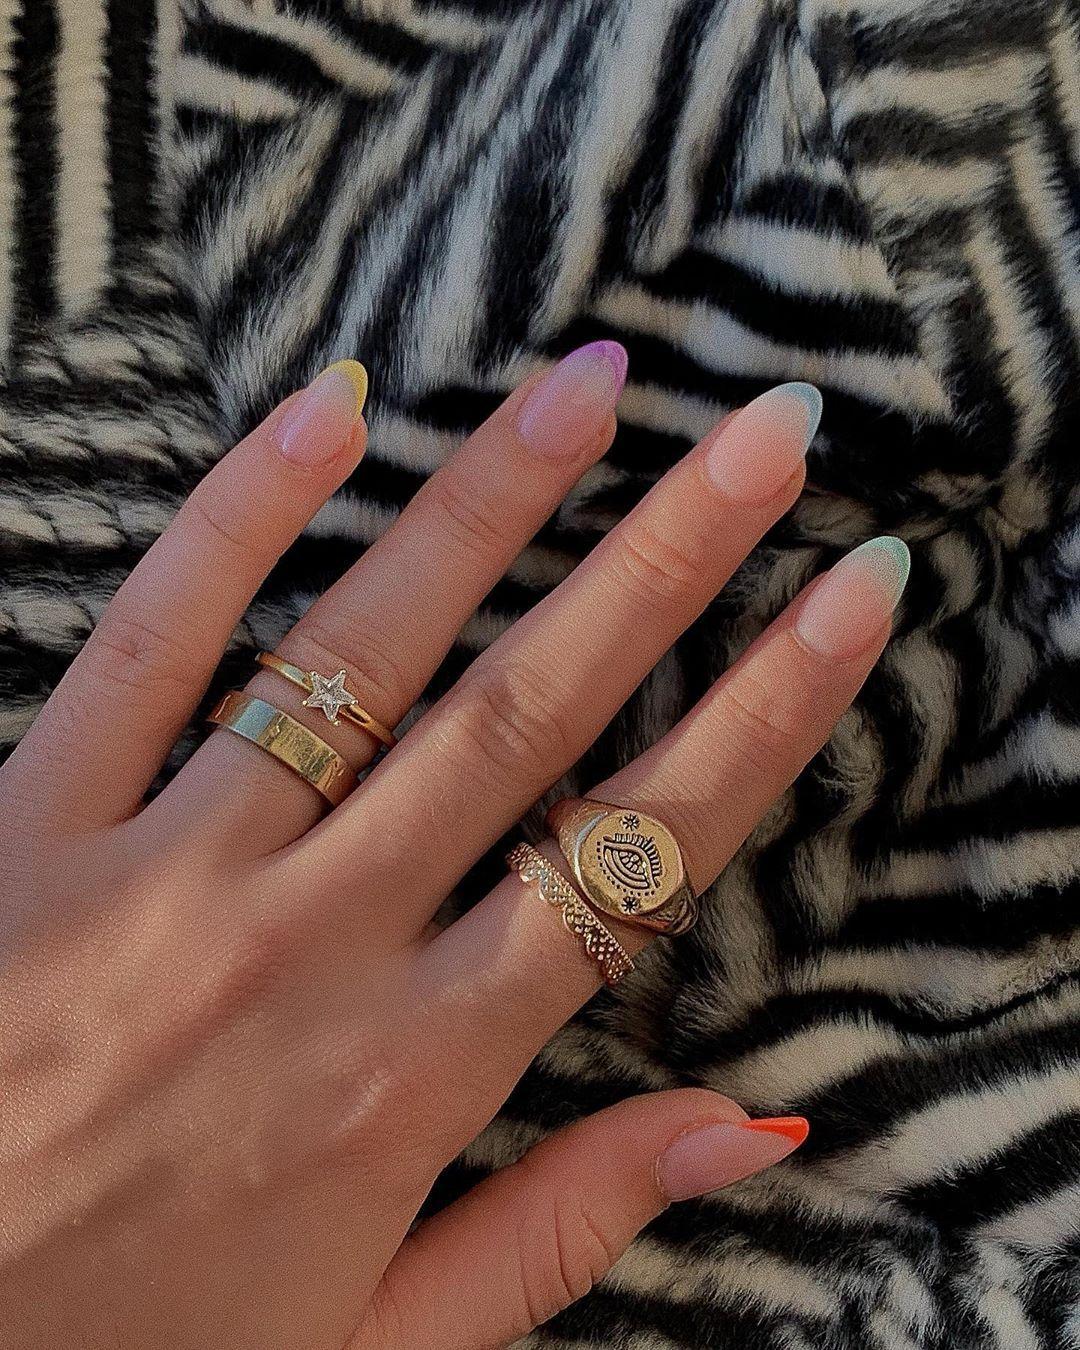 """NAWAL su Instagram: """"🌈🦓 Penso che queste siano le unghie più carine che ho fatto finora 🌈🦓"""""""